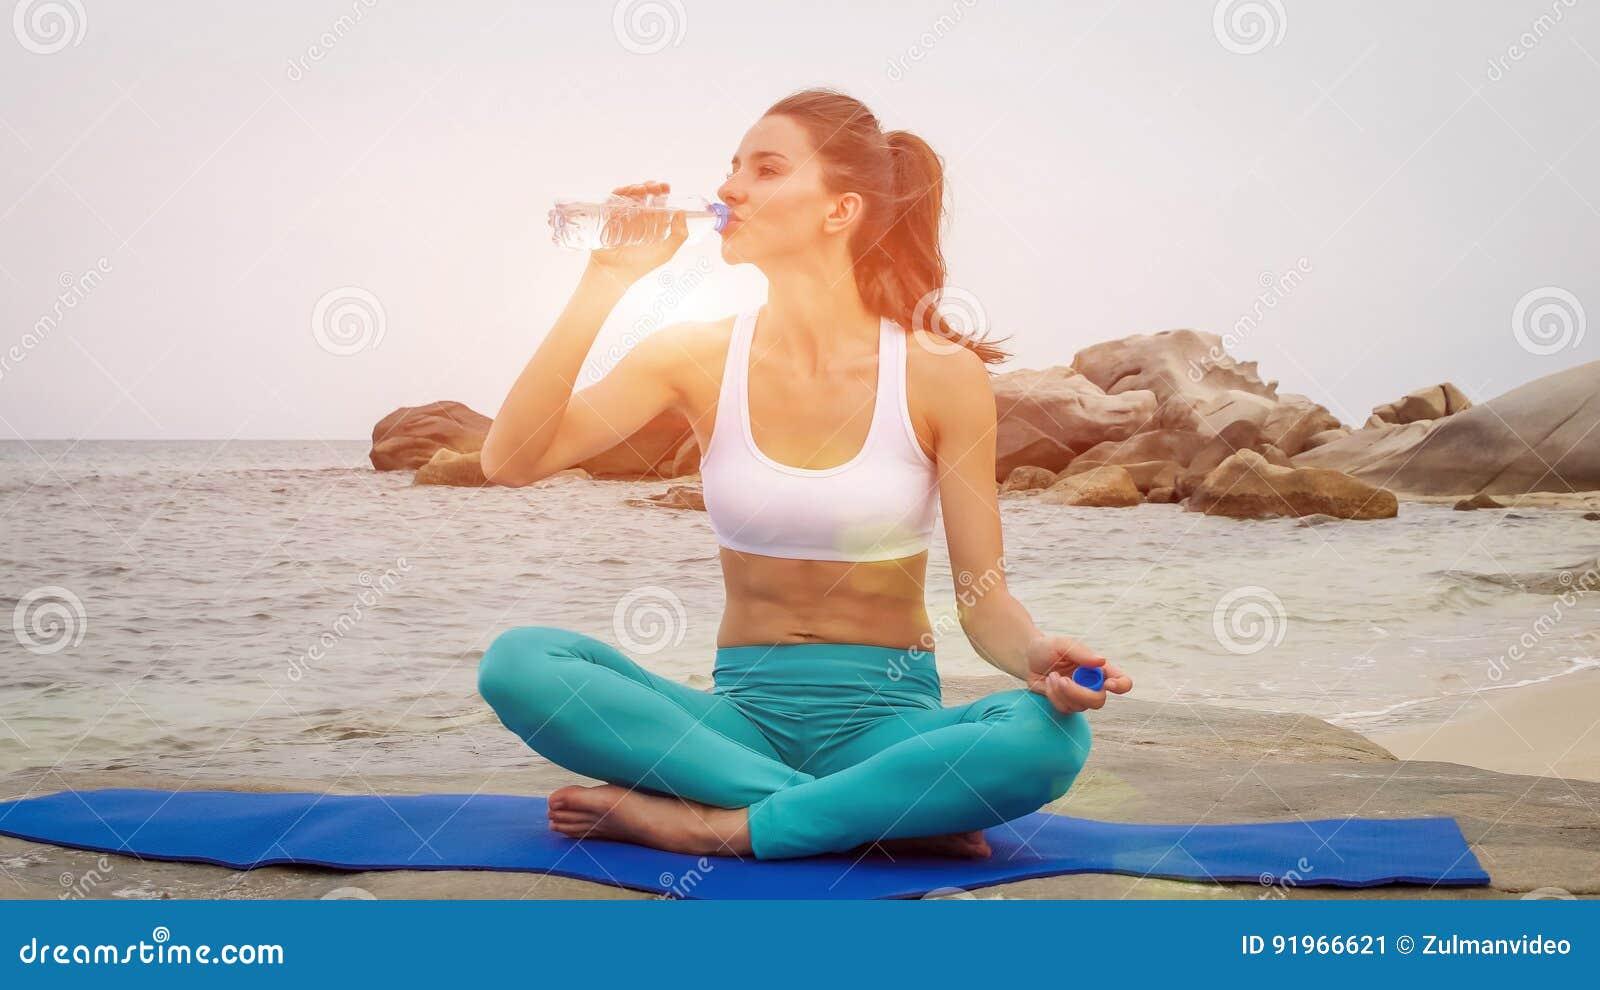 Η γυναίκα ικανότητας πίνει το νερό μετά από να κάνει τις αθλητικές ασκήσεις στην παραλία στο ηλιοβασίλεμα